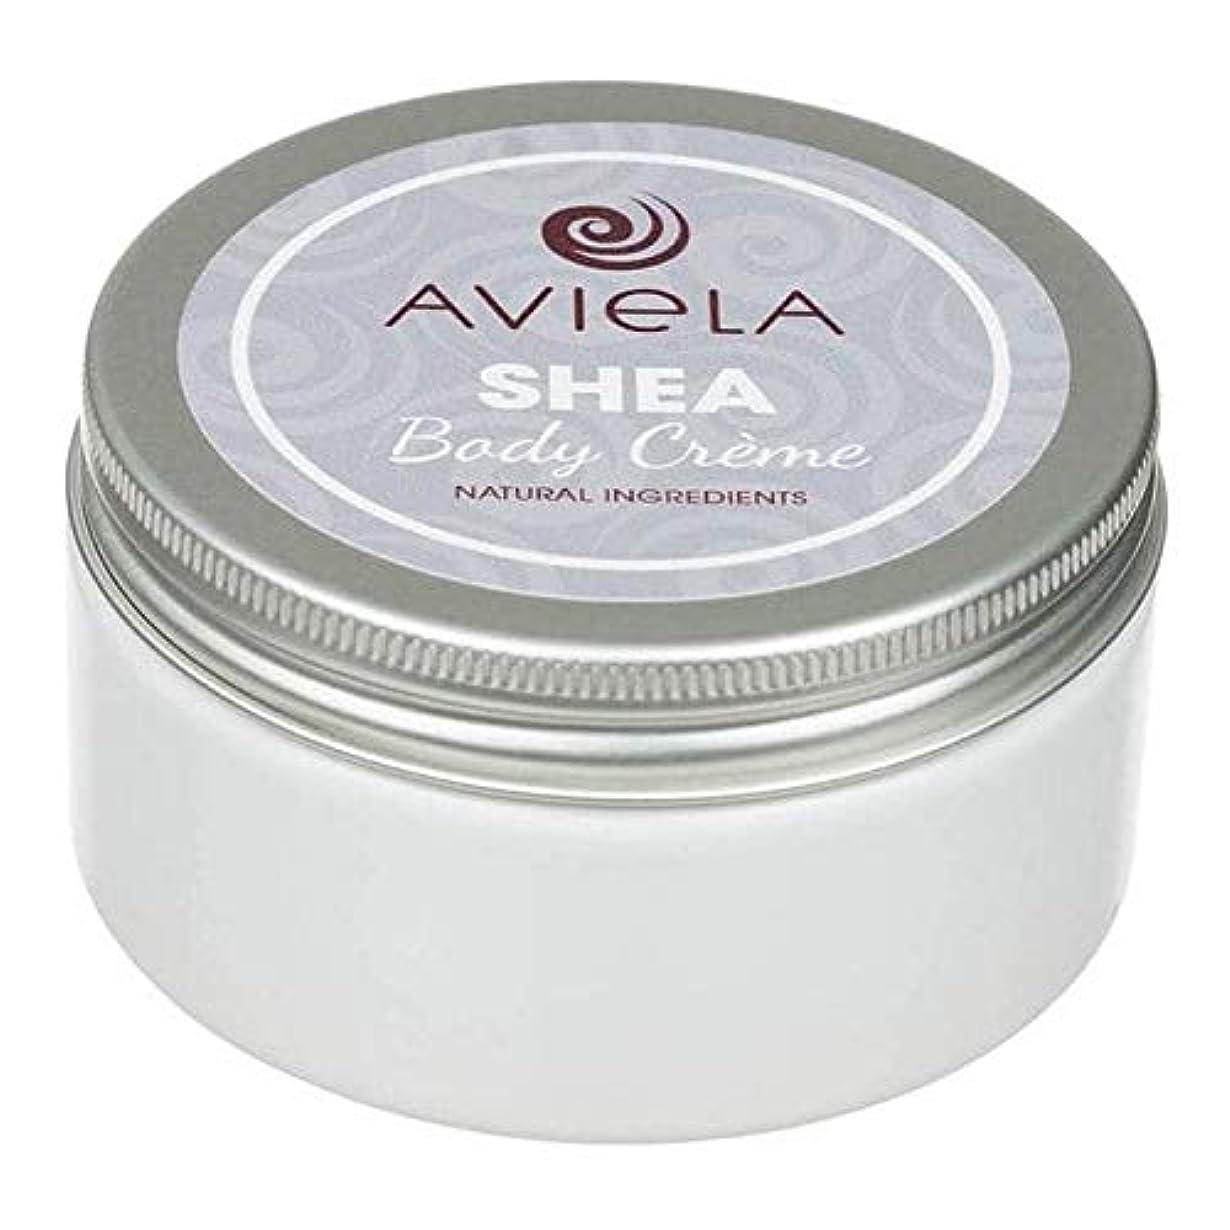 上げるオーバーヘッドコンプライアンス[Aviela] Avielaシアボディクリーム200グラム - Aviela Shea Body Creme 200g [並行輸入品]